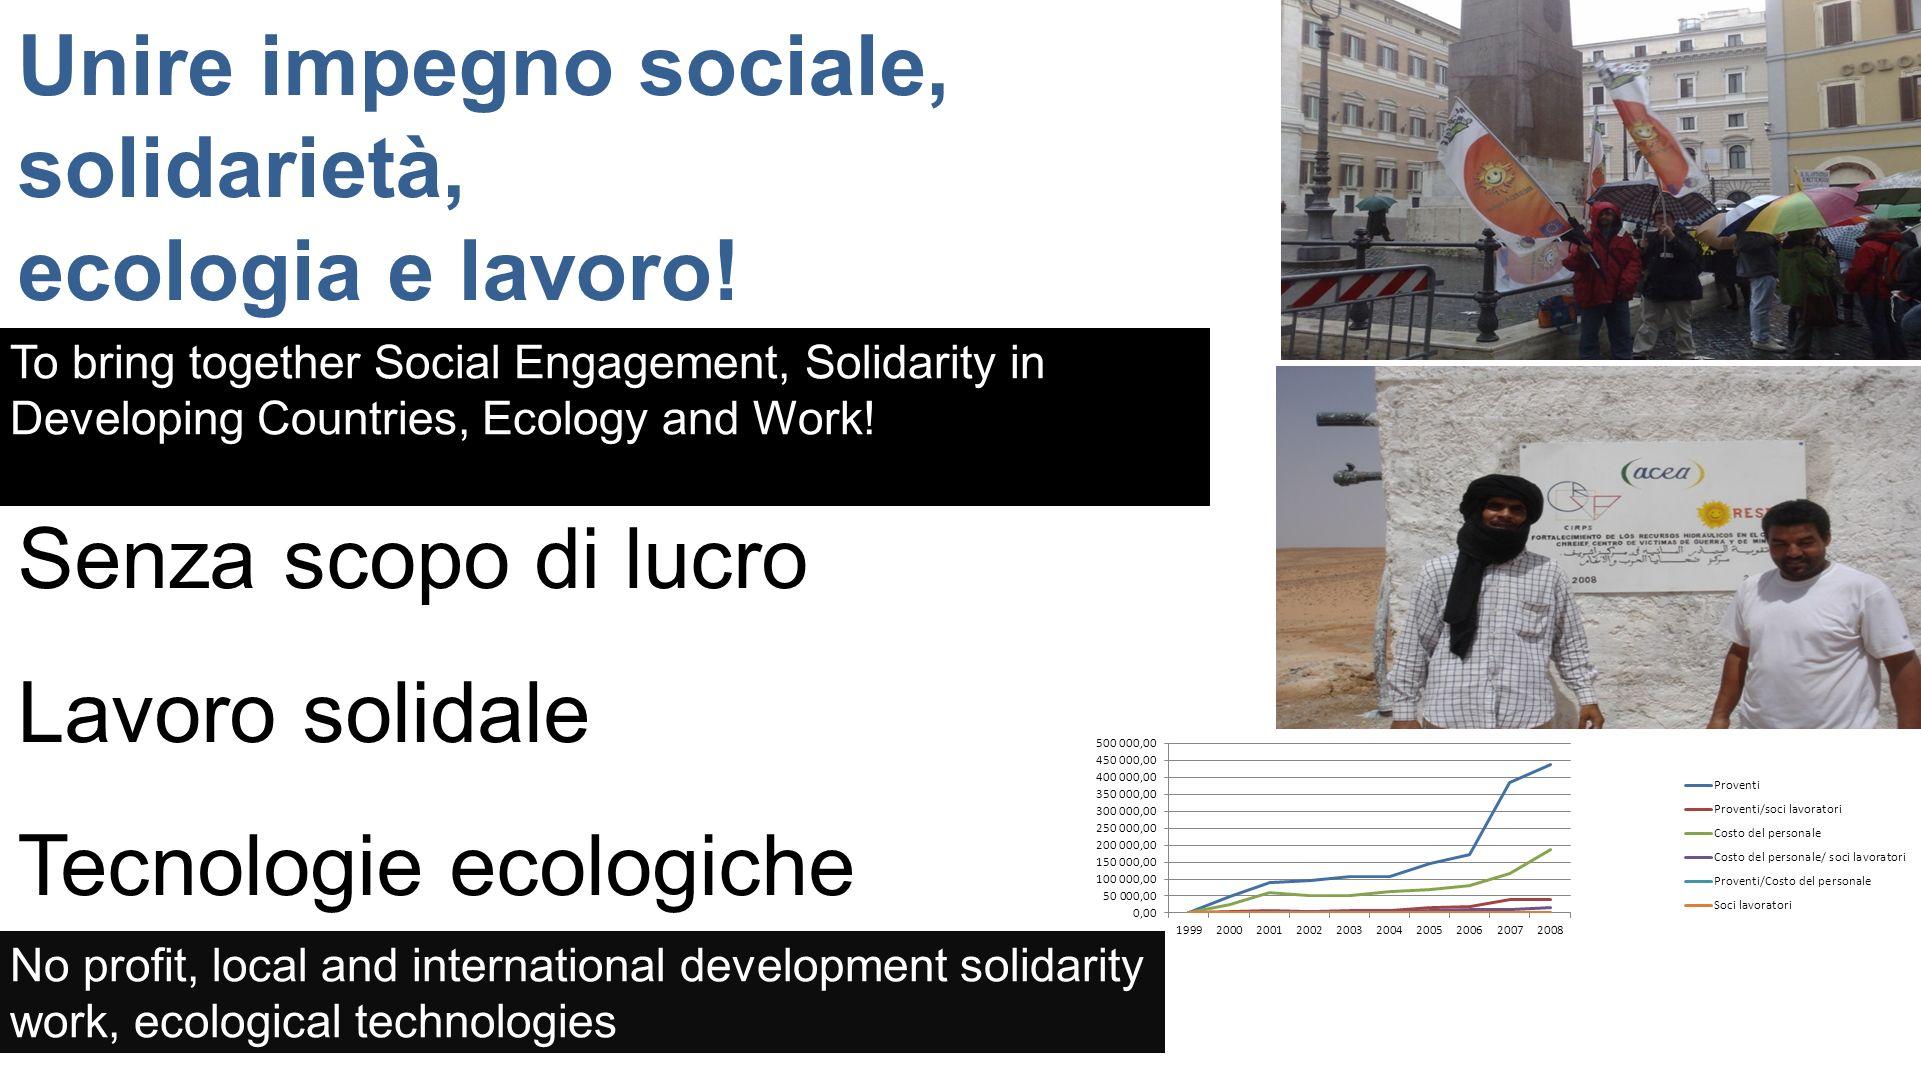 Unire impegno sociale, solidarietà, ecologia e lavoro! Senza scopo di lucro Lavoro solidale Tecnologie ecologiche No profit, local and international d